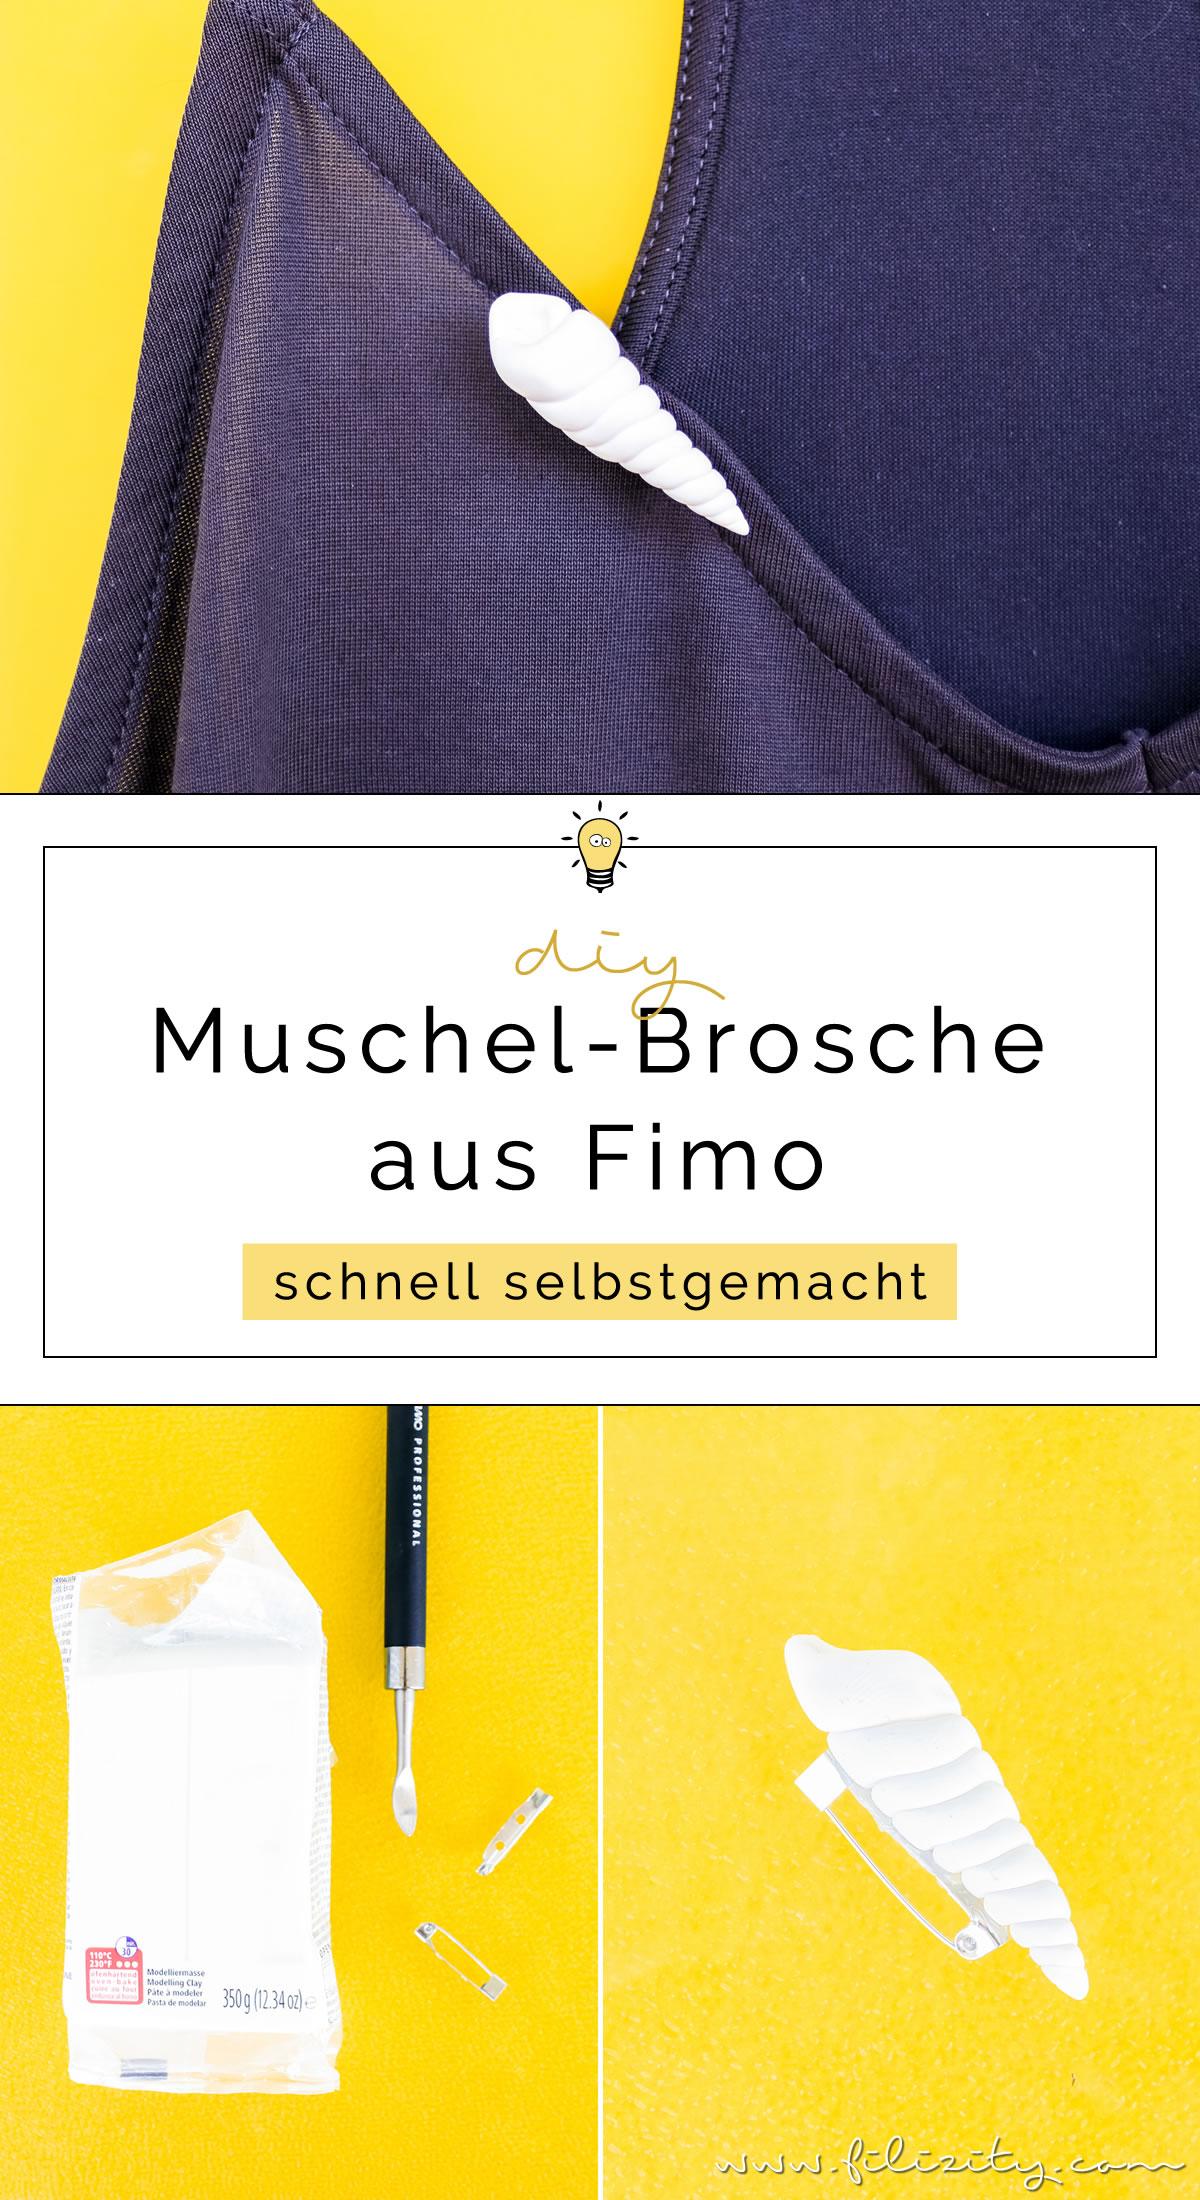 DIY Muschel-Brosche aus Fimo oder Kaltporzellan selber machen | Sommer-Schmuck basteln | Filizity.com - DIY-Blog aus dem Rheinland #myfimo #fimo #kaltporzellan #sommer